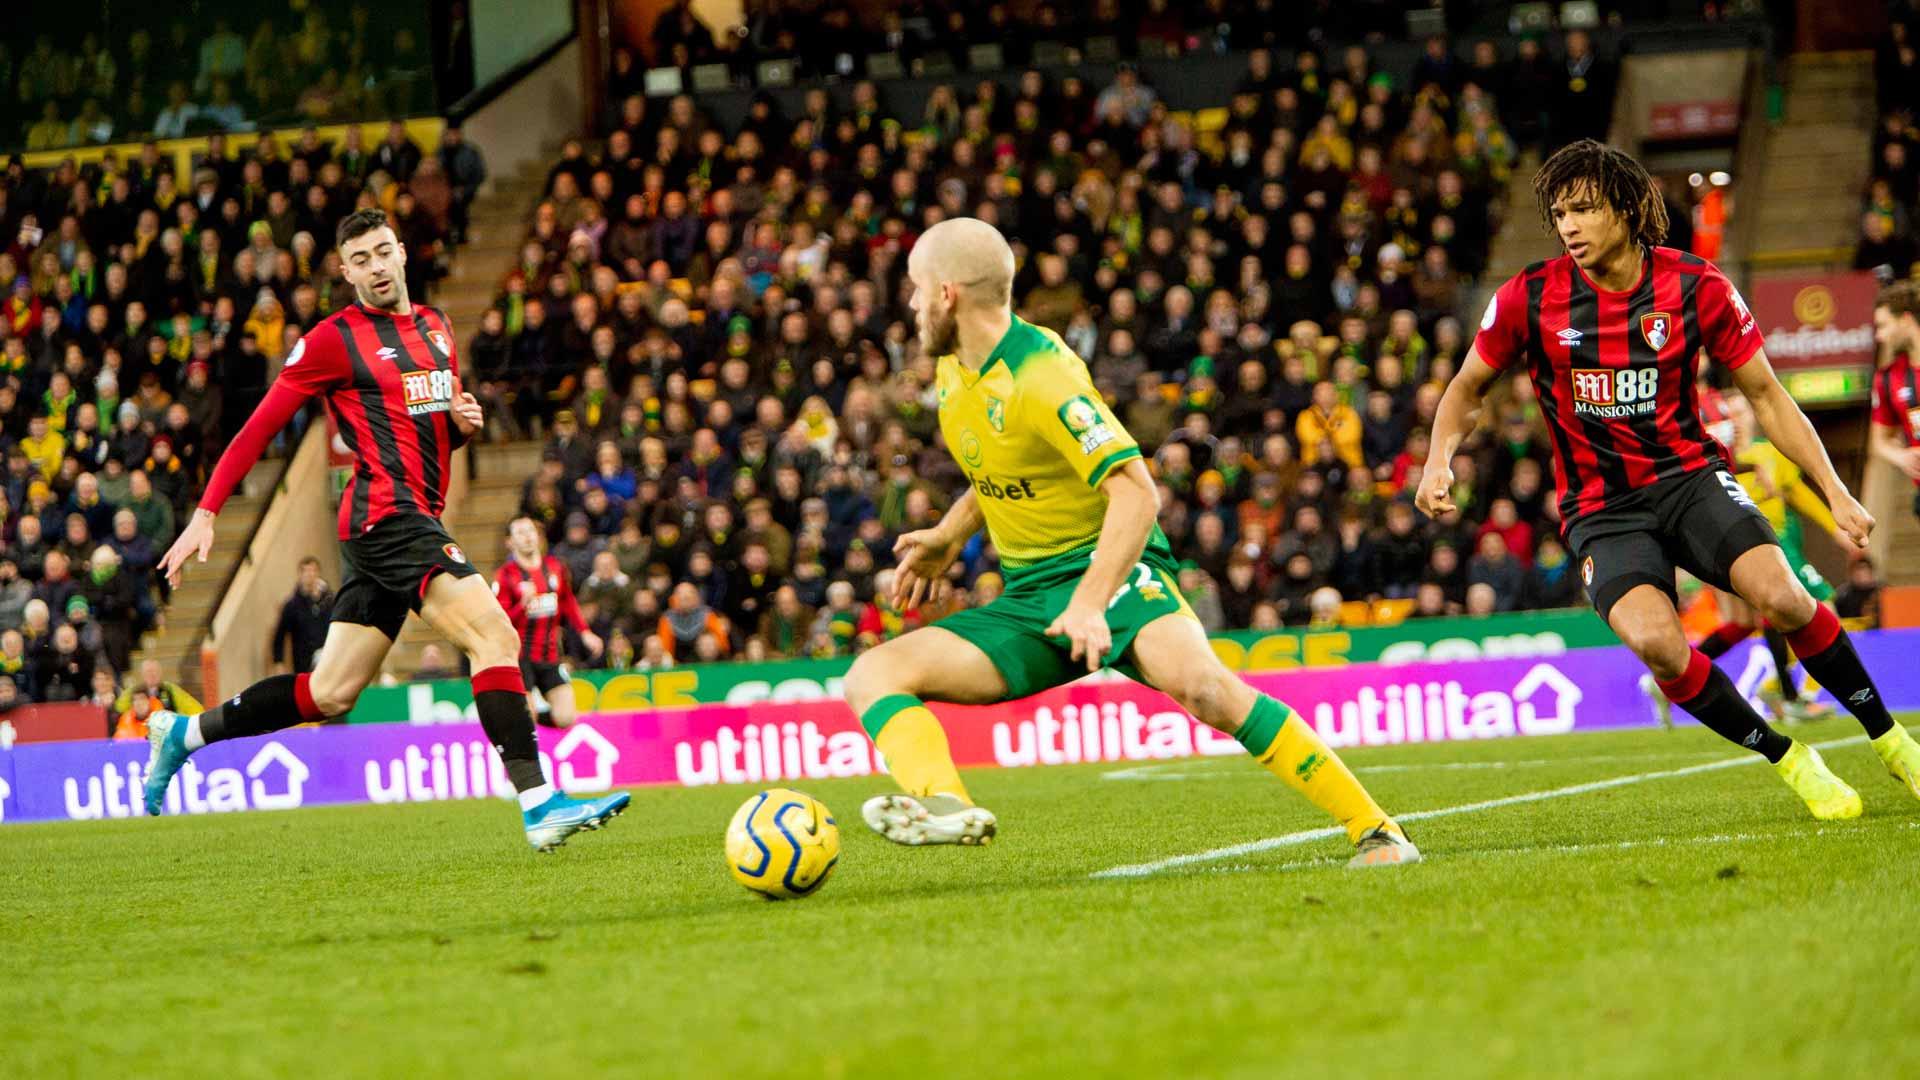 Norwich Cityssä pelaa nuoria lupauksia ja pelaajia, jotka eivät ole saaneet muualla mahdollisuuksia. Pukki sopeutui joukkueeseen nopeasti.